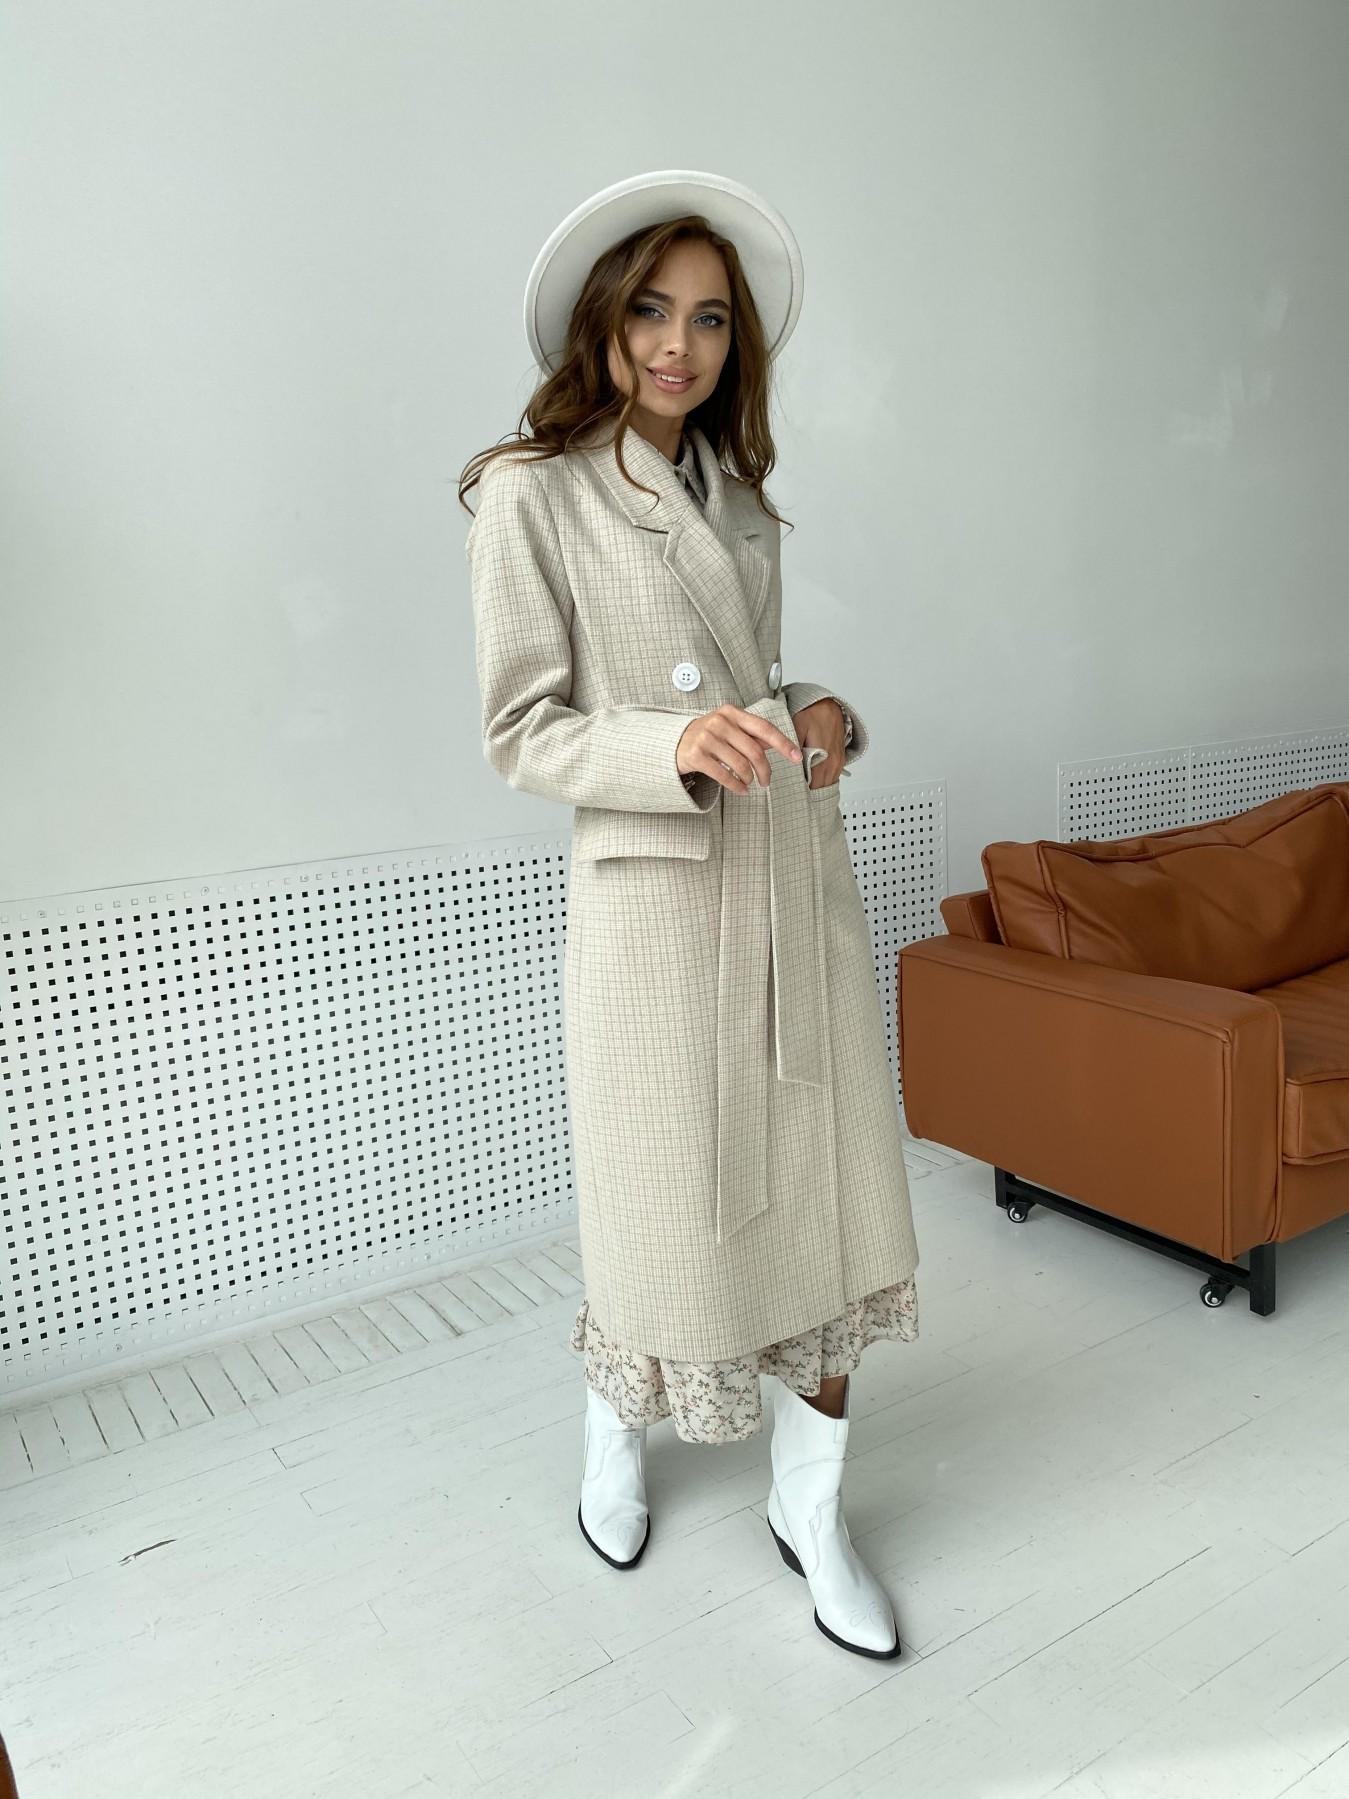 Статус пальто из тонкого кашемира в клетку 11780 АРТ. 48520 Цвет: Бежевый/молоко/КлетМел - фото 4, интернет магазин tm-modus.ru